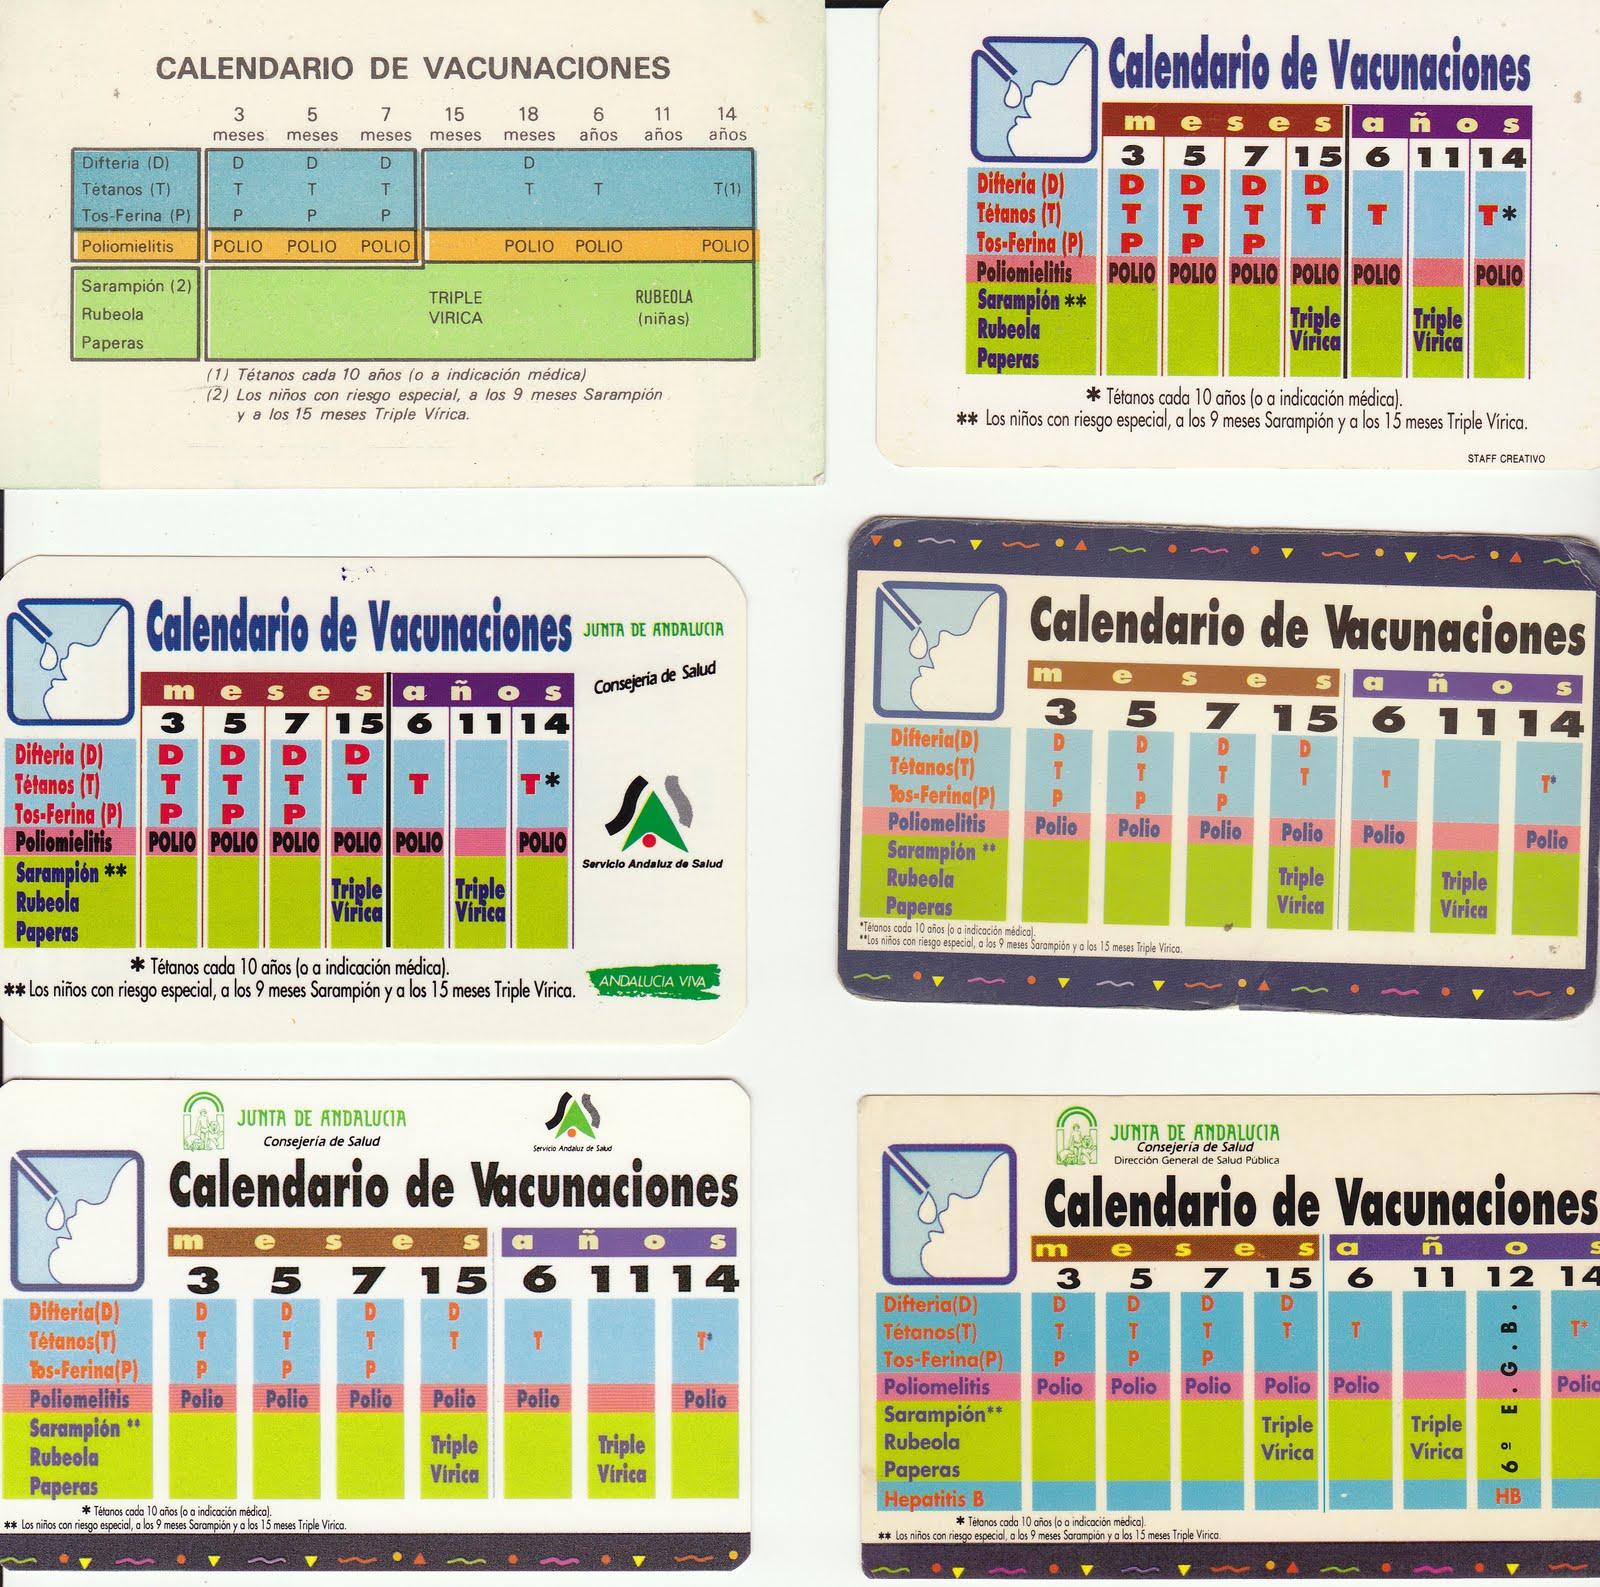 Calendario Vacunal Andalucia 2019.Colecciono Calendarios Vacunas Junta De Andalucia 1988 2011